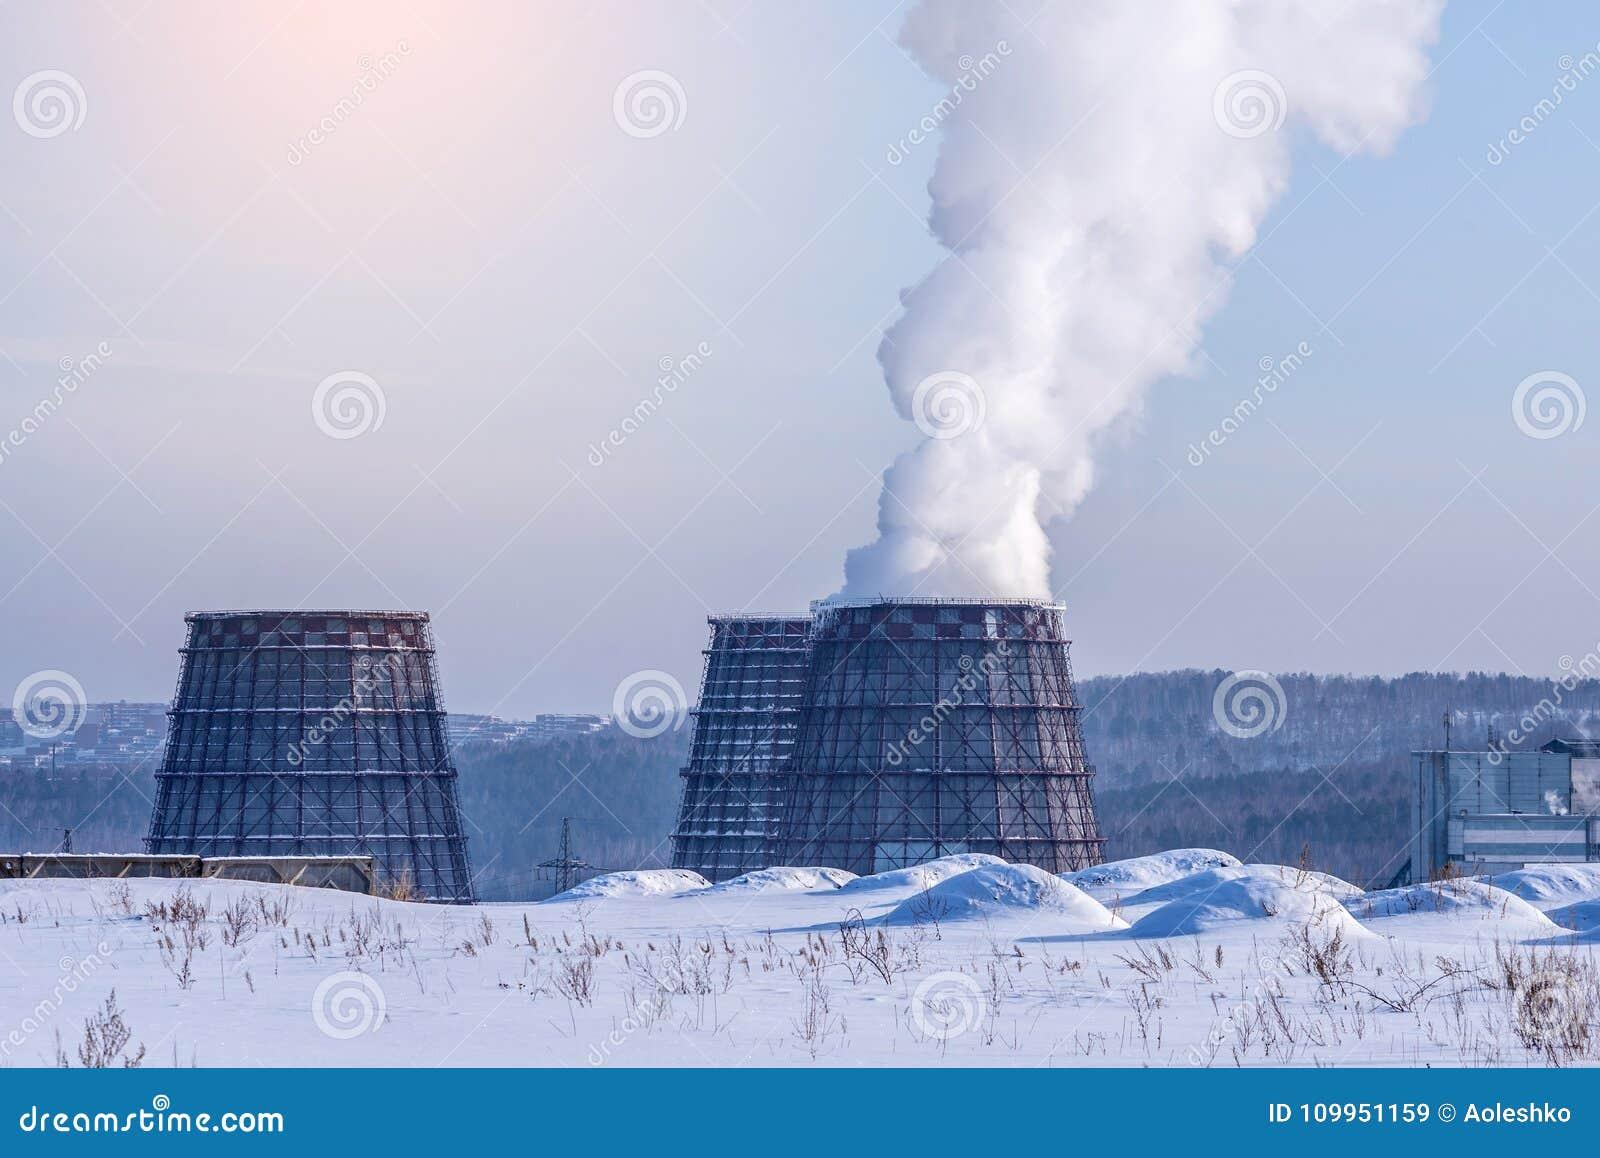 散发在大气的烟斗热电厂二氧化碳 环境污染的概念